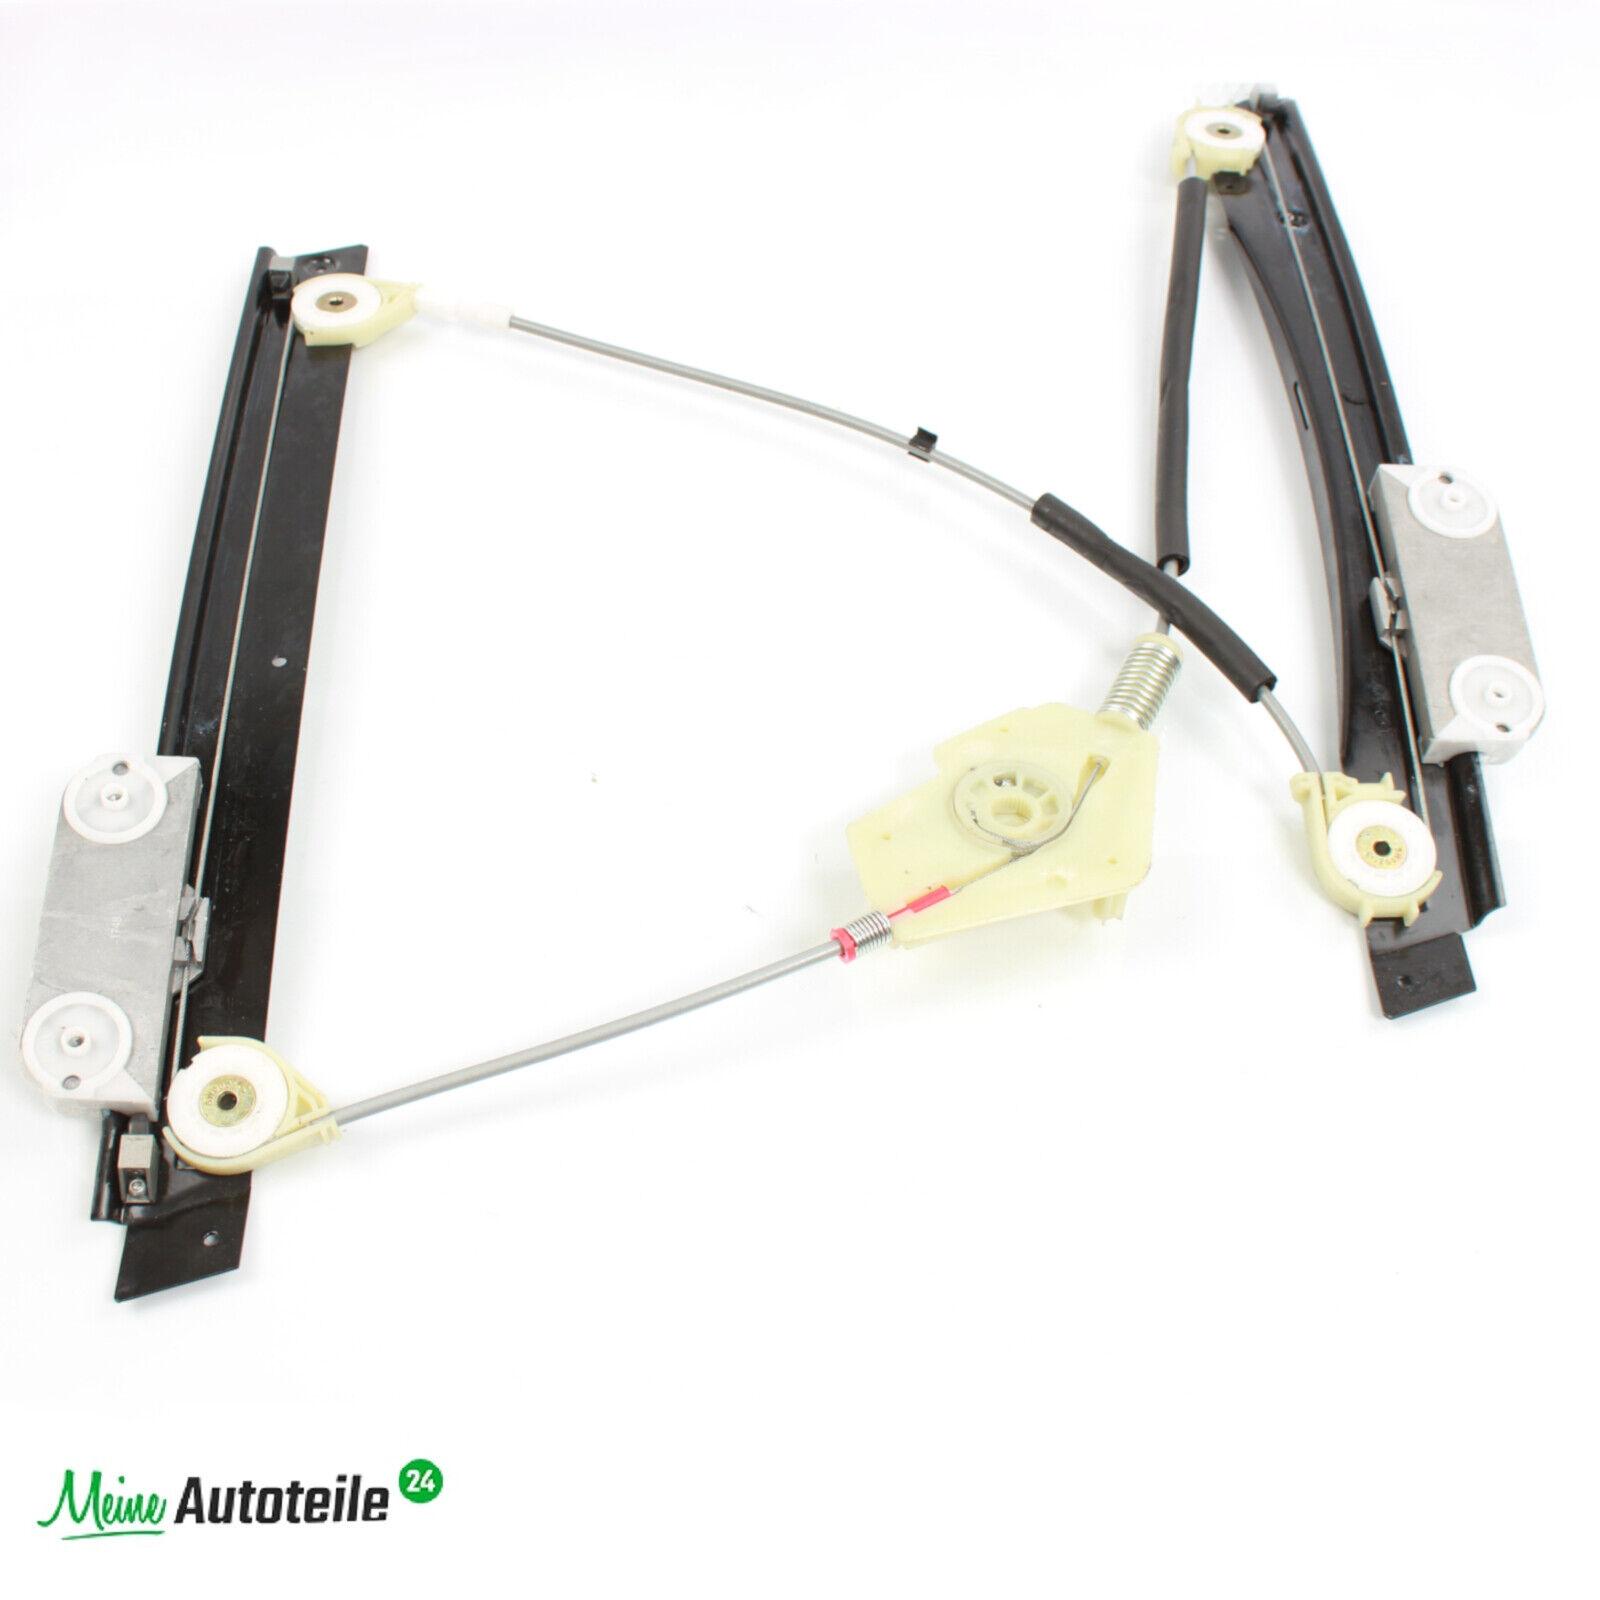 Fensterheber elektrisch Vorne Links Audi TT 98-06 TT ROADSTER 99-06 8N0837461